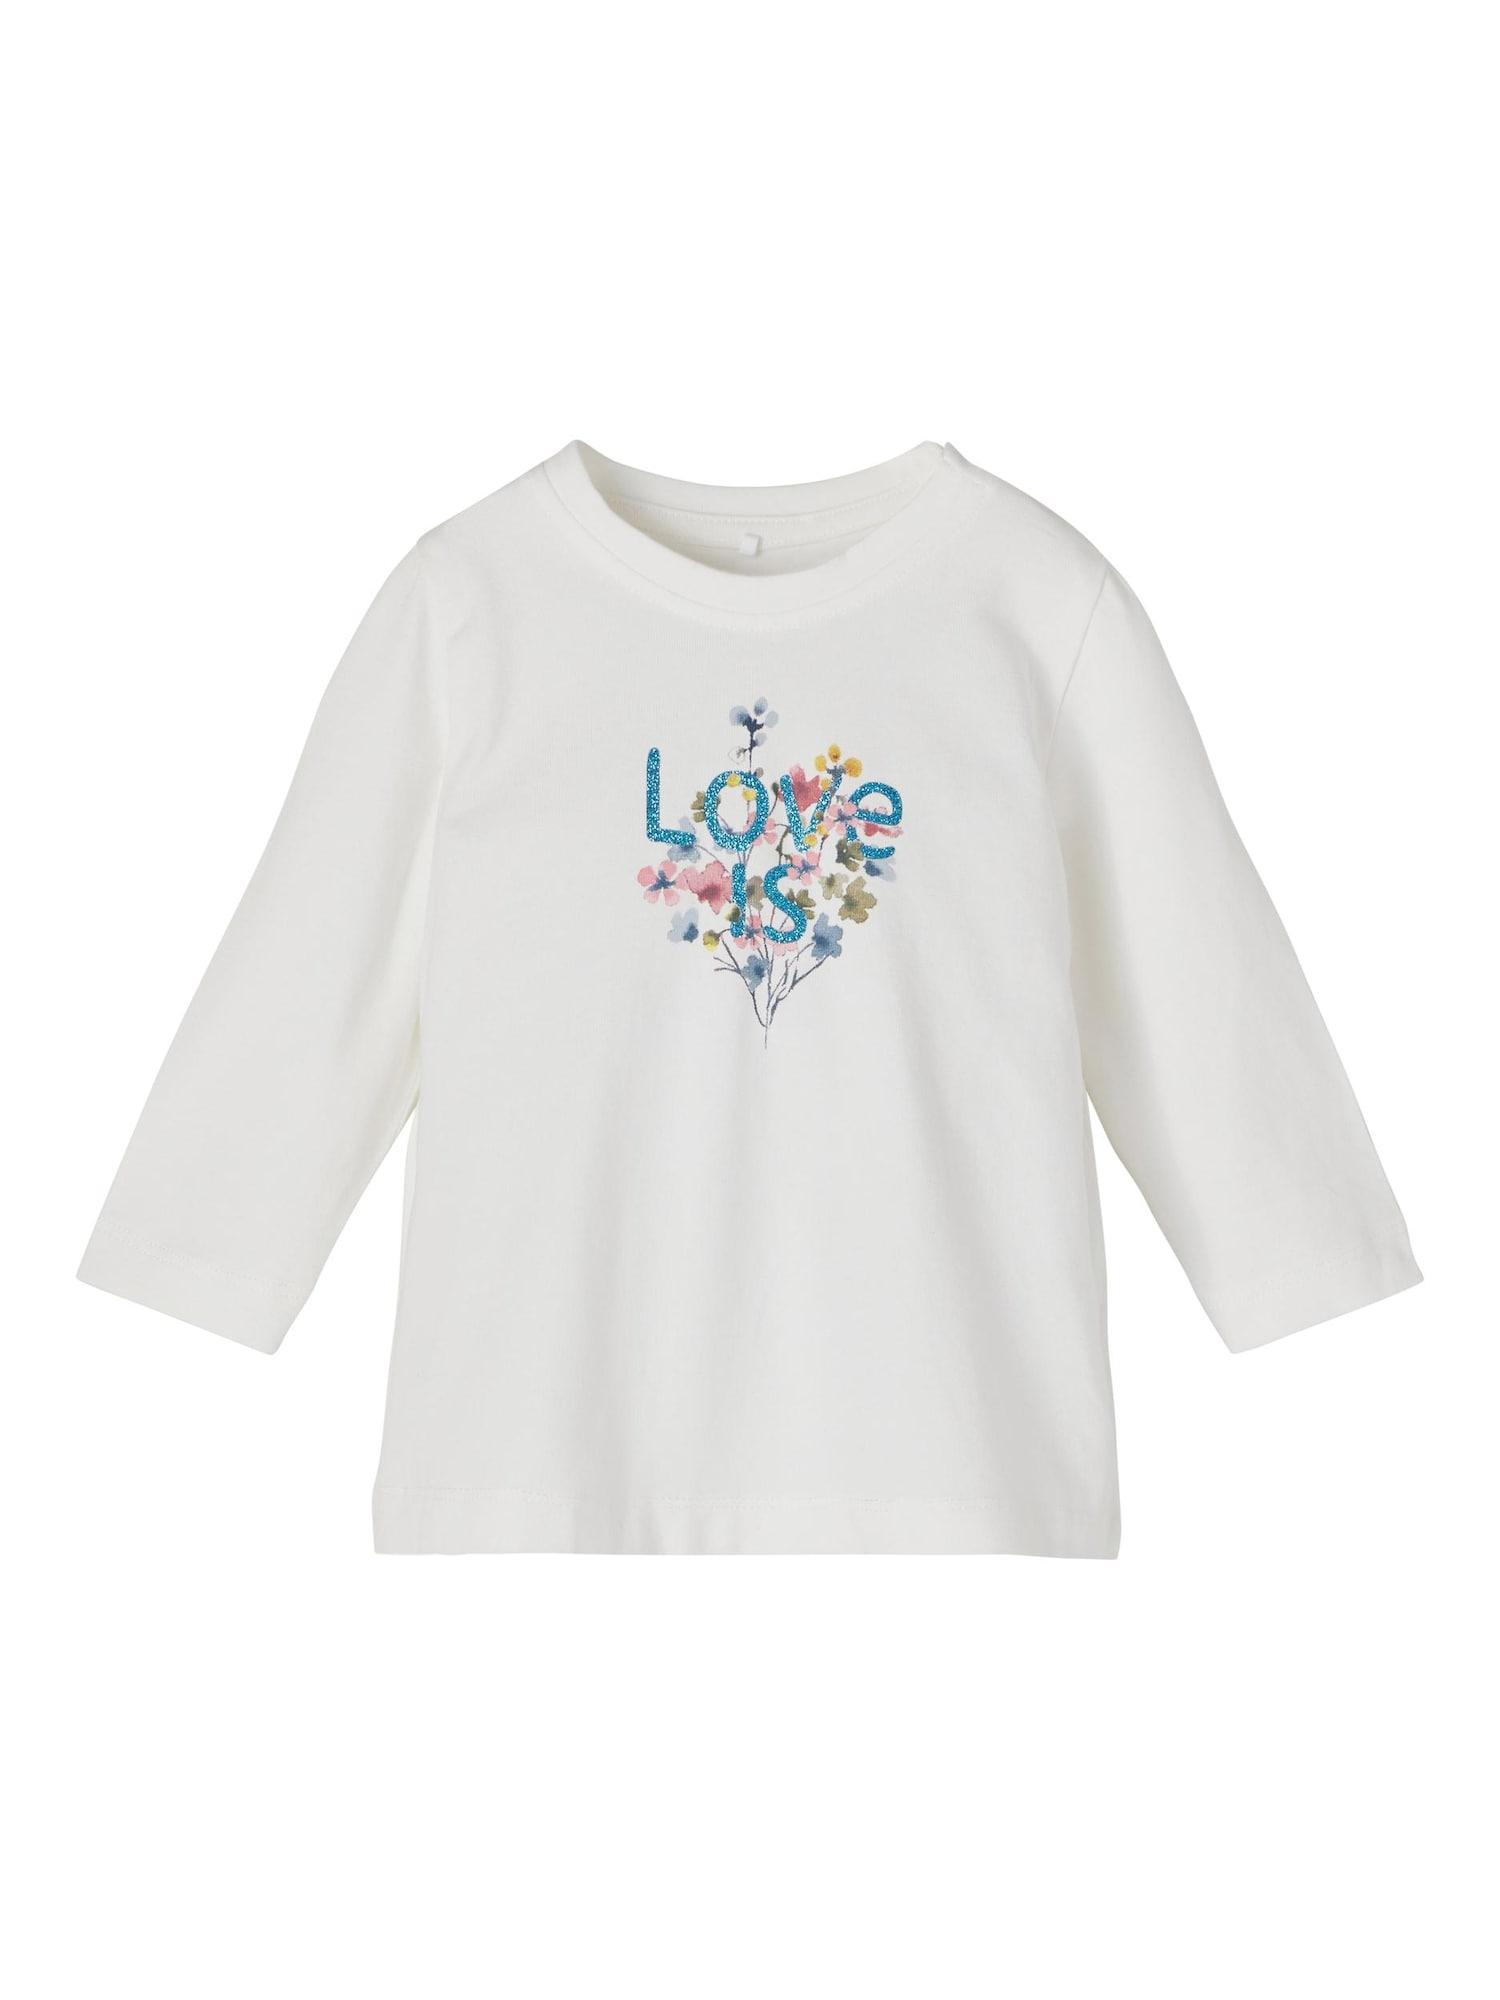 NAME IT Marškinėliai 'Tora' natūrali balta / mišrios spalvos